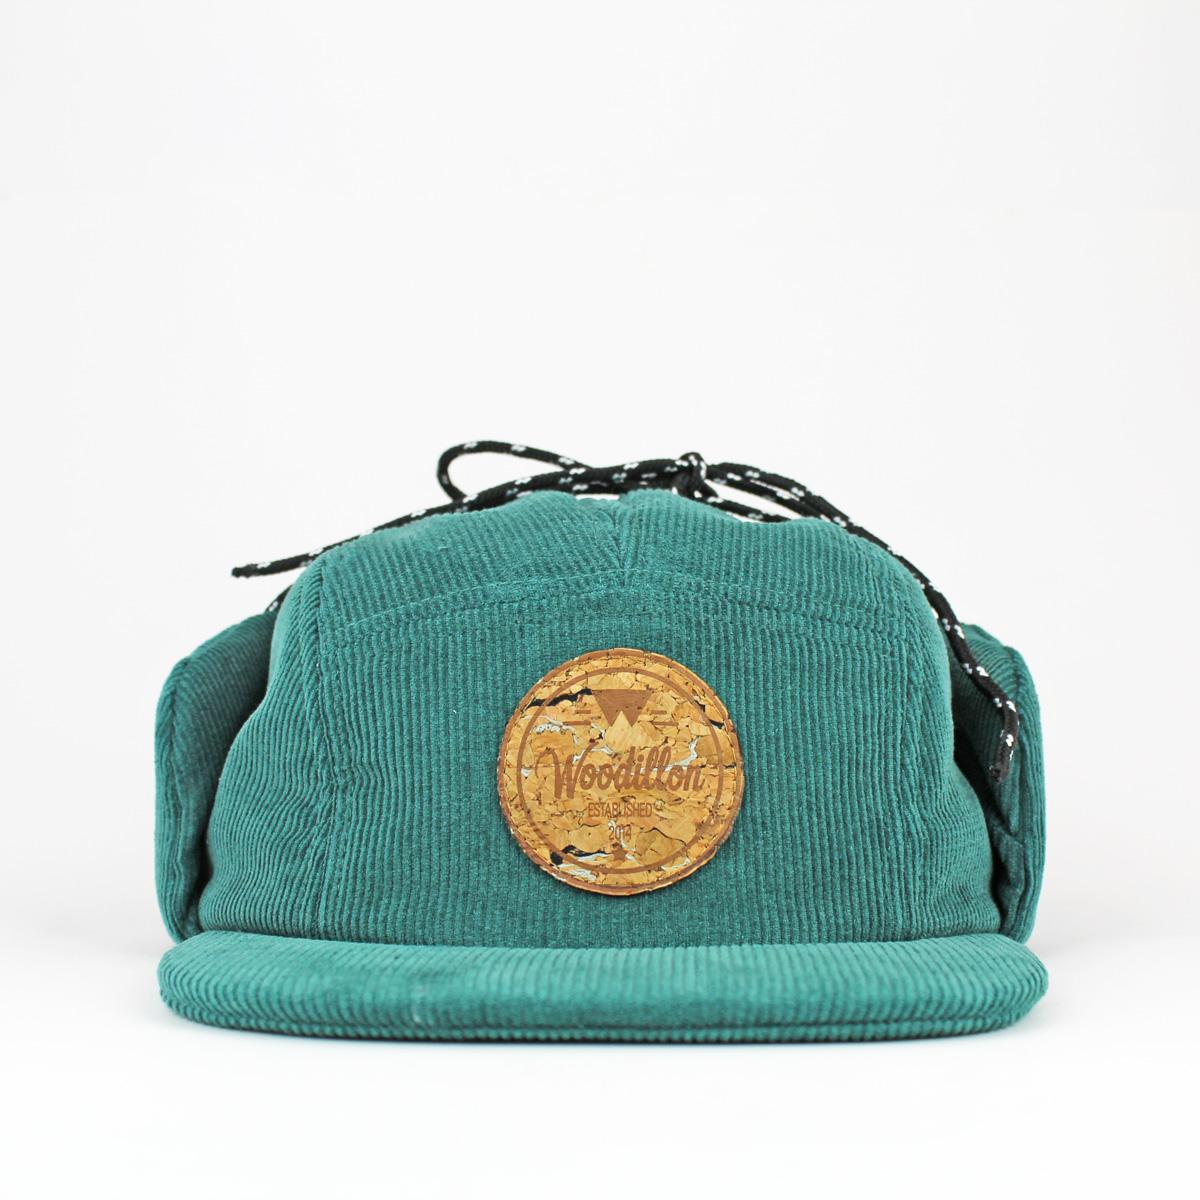 Cappello Woodman, marcato Woodillon. Autunno,inverno 2019